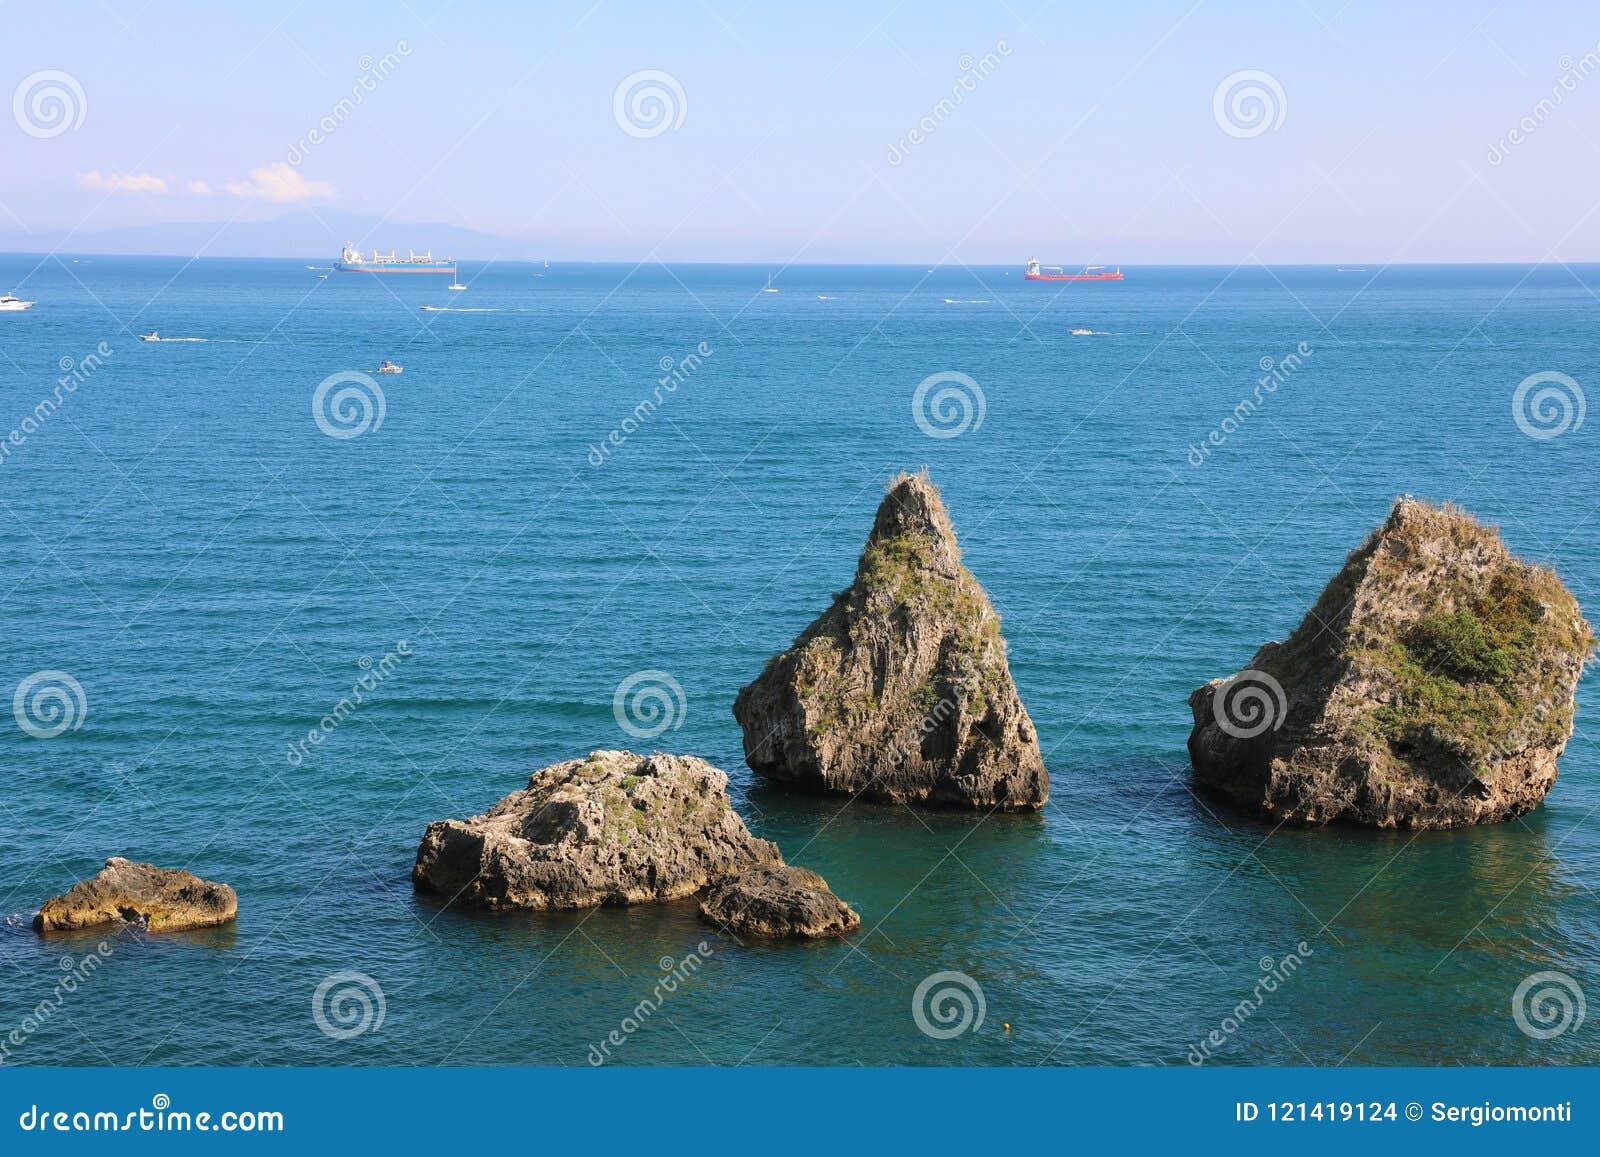 两个兄弟,大岩层,维耶特利苏玛雷,阿马尔菲海岸,意大利